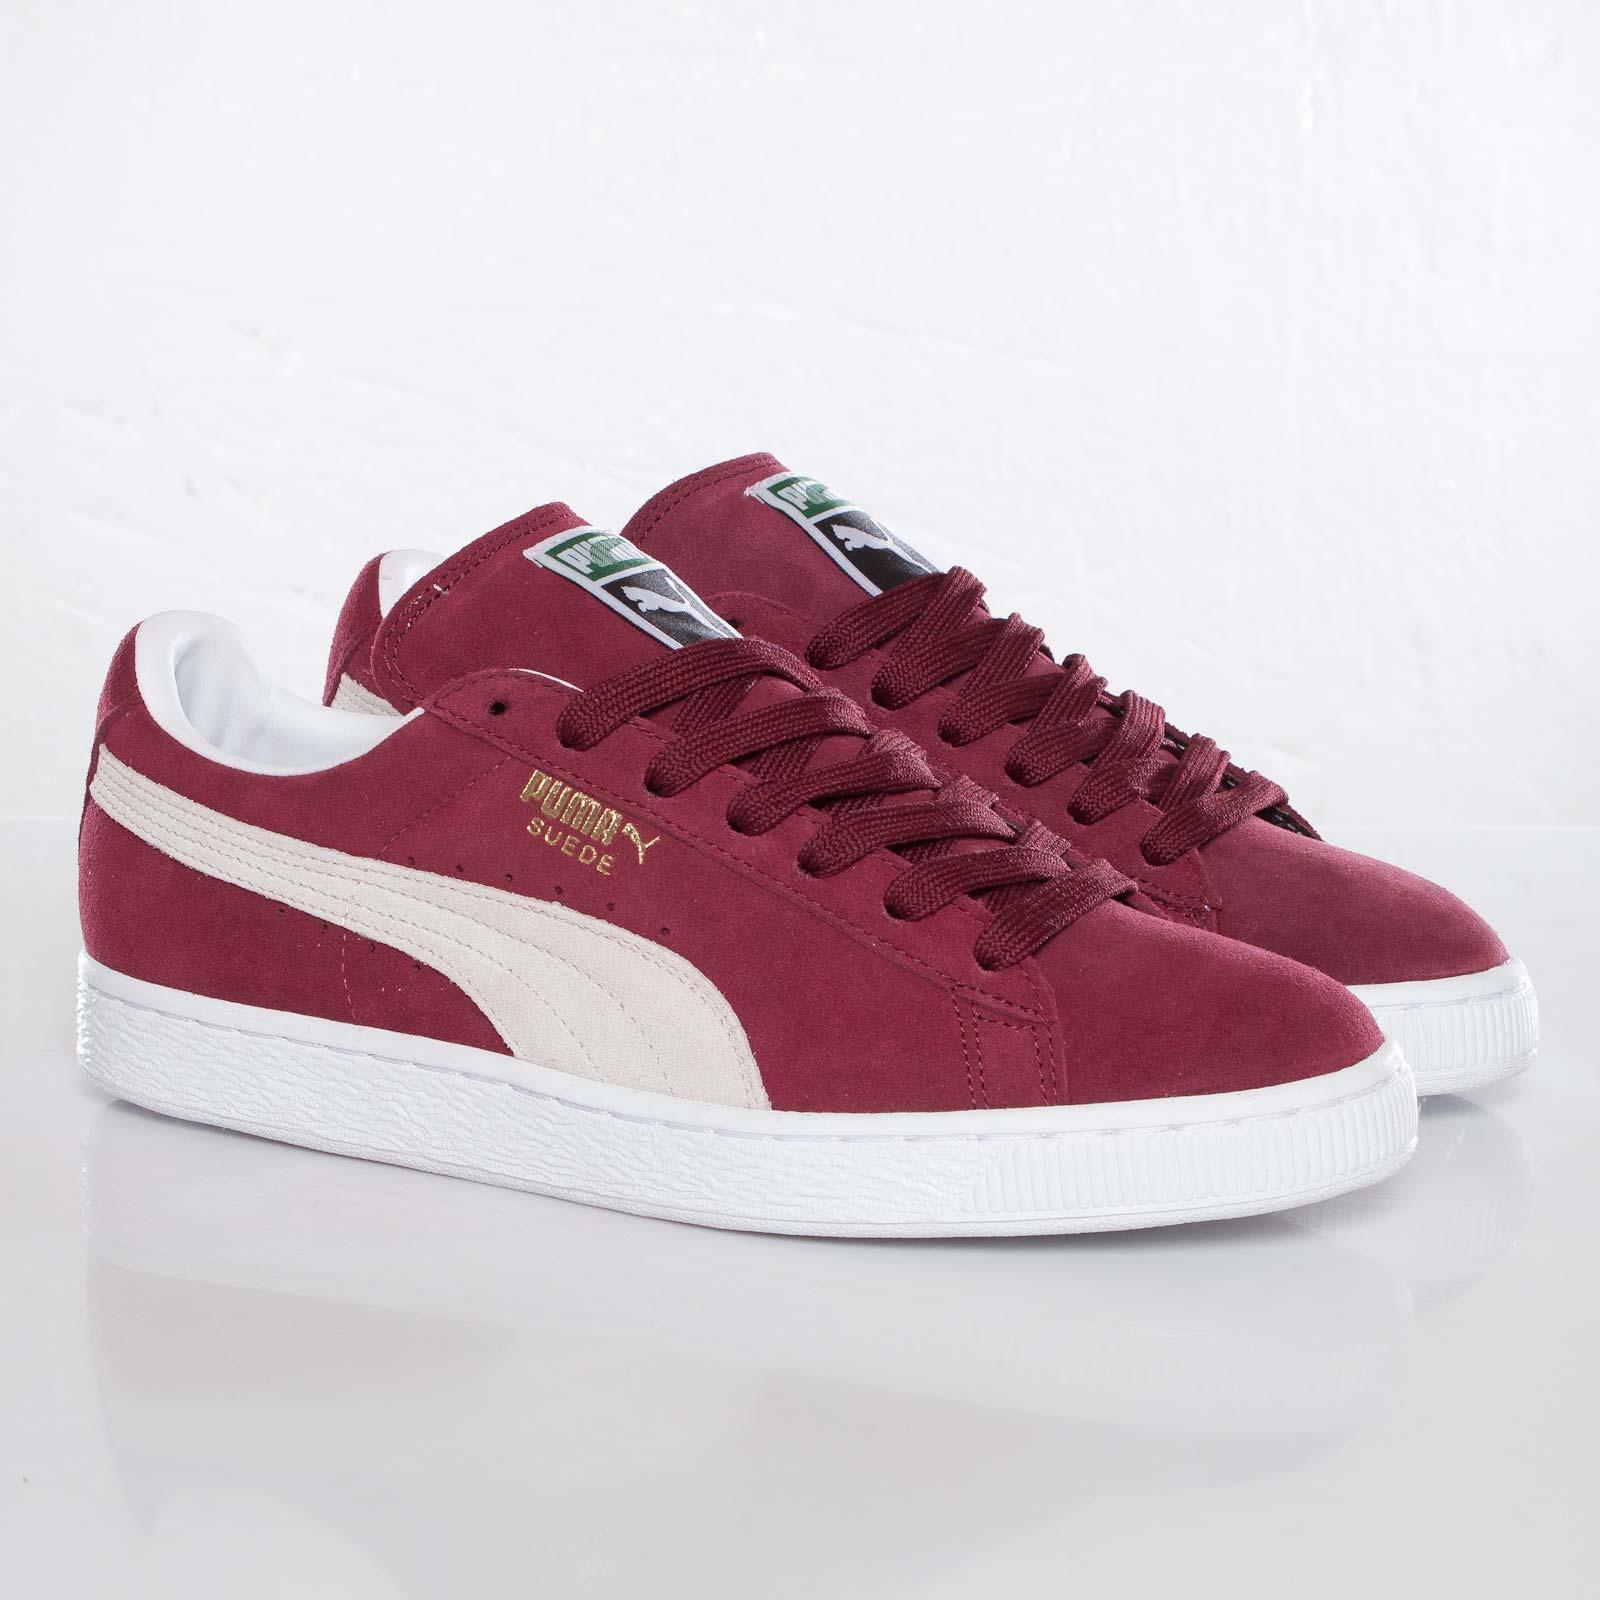 buy online d2912 72034 Puma Suede Classic+ - 352634-75 - Sneakersnstuff | sneakers ...